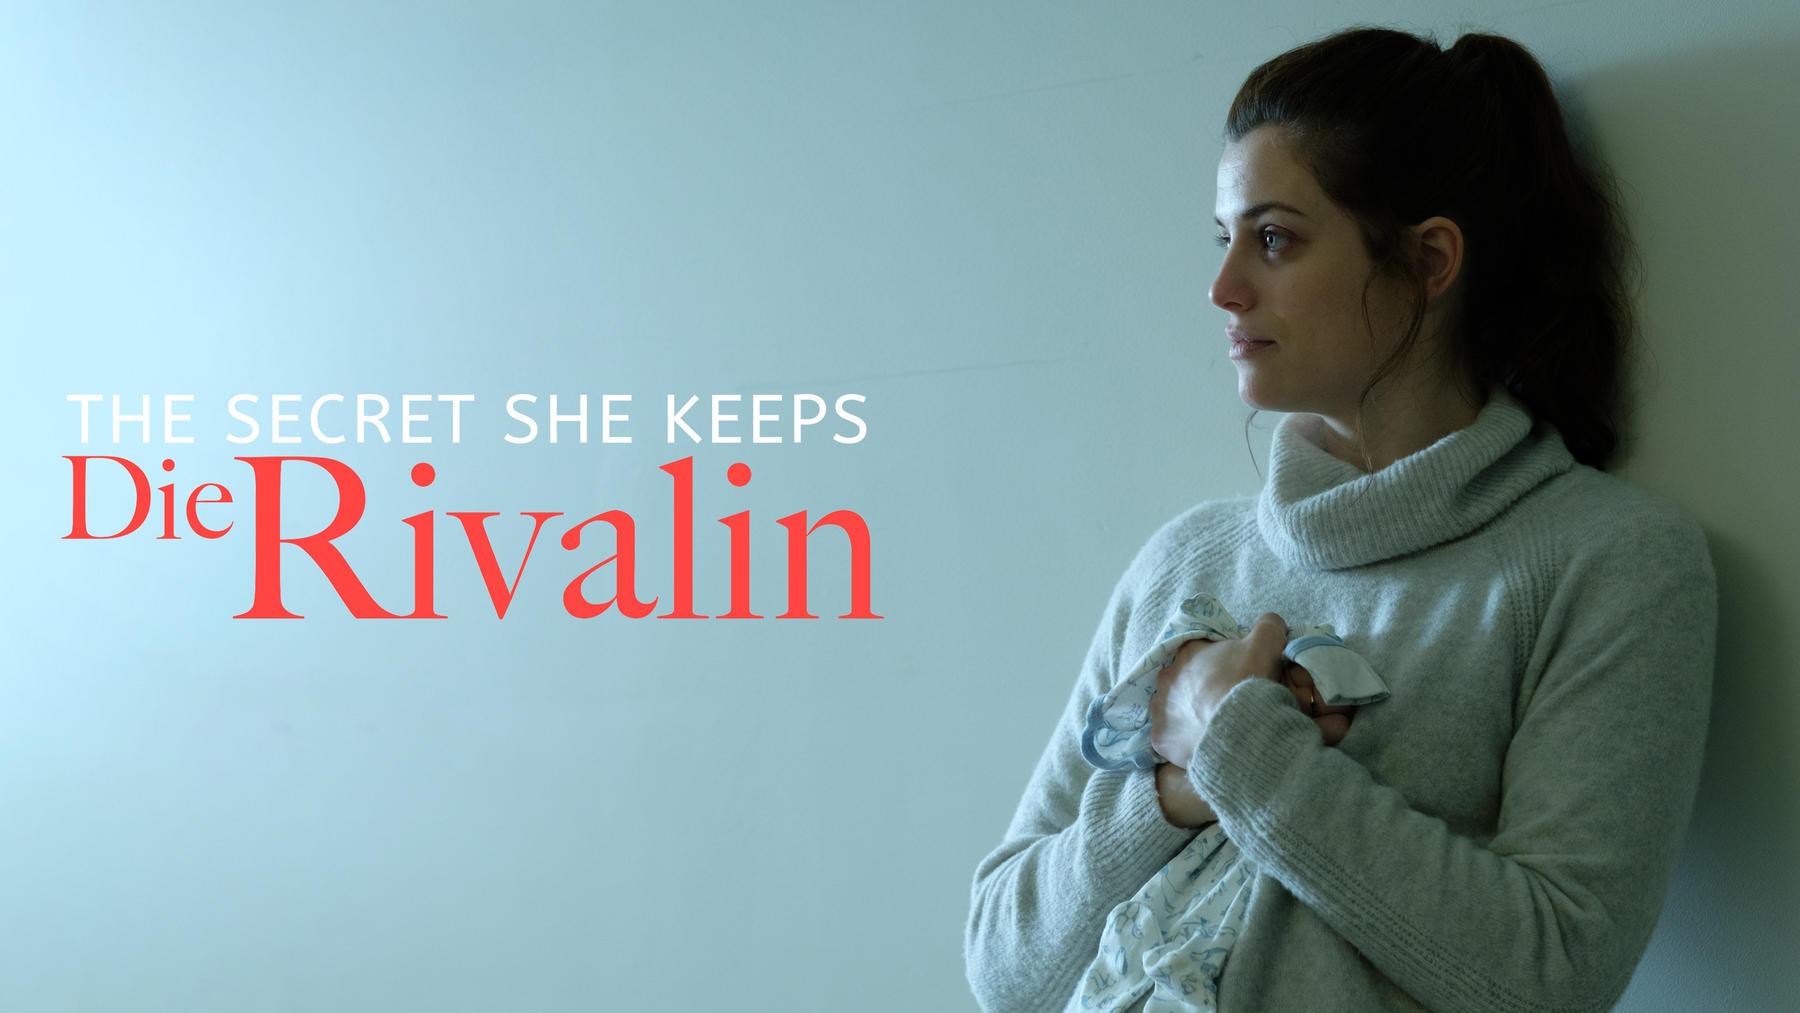 The Secret She Keeps - Die Rivalin